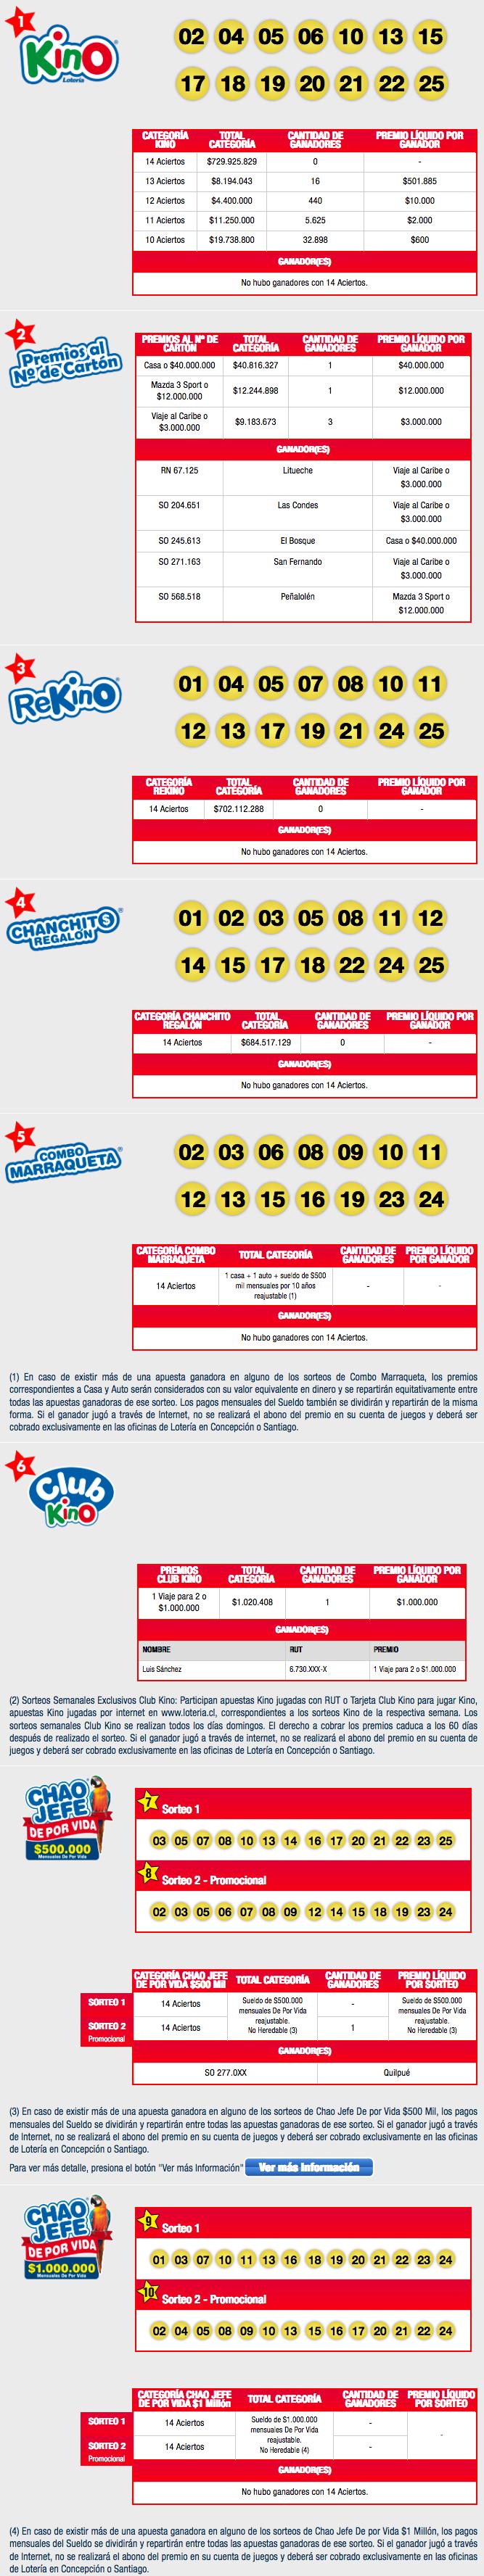 Resultados Kino Chile Sorteo 2117